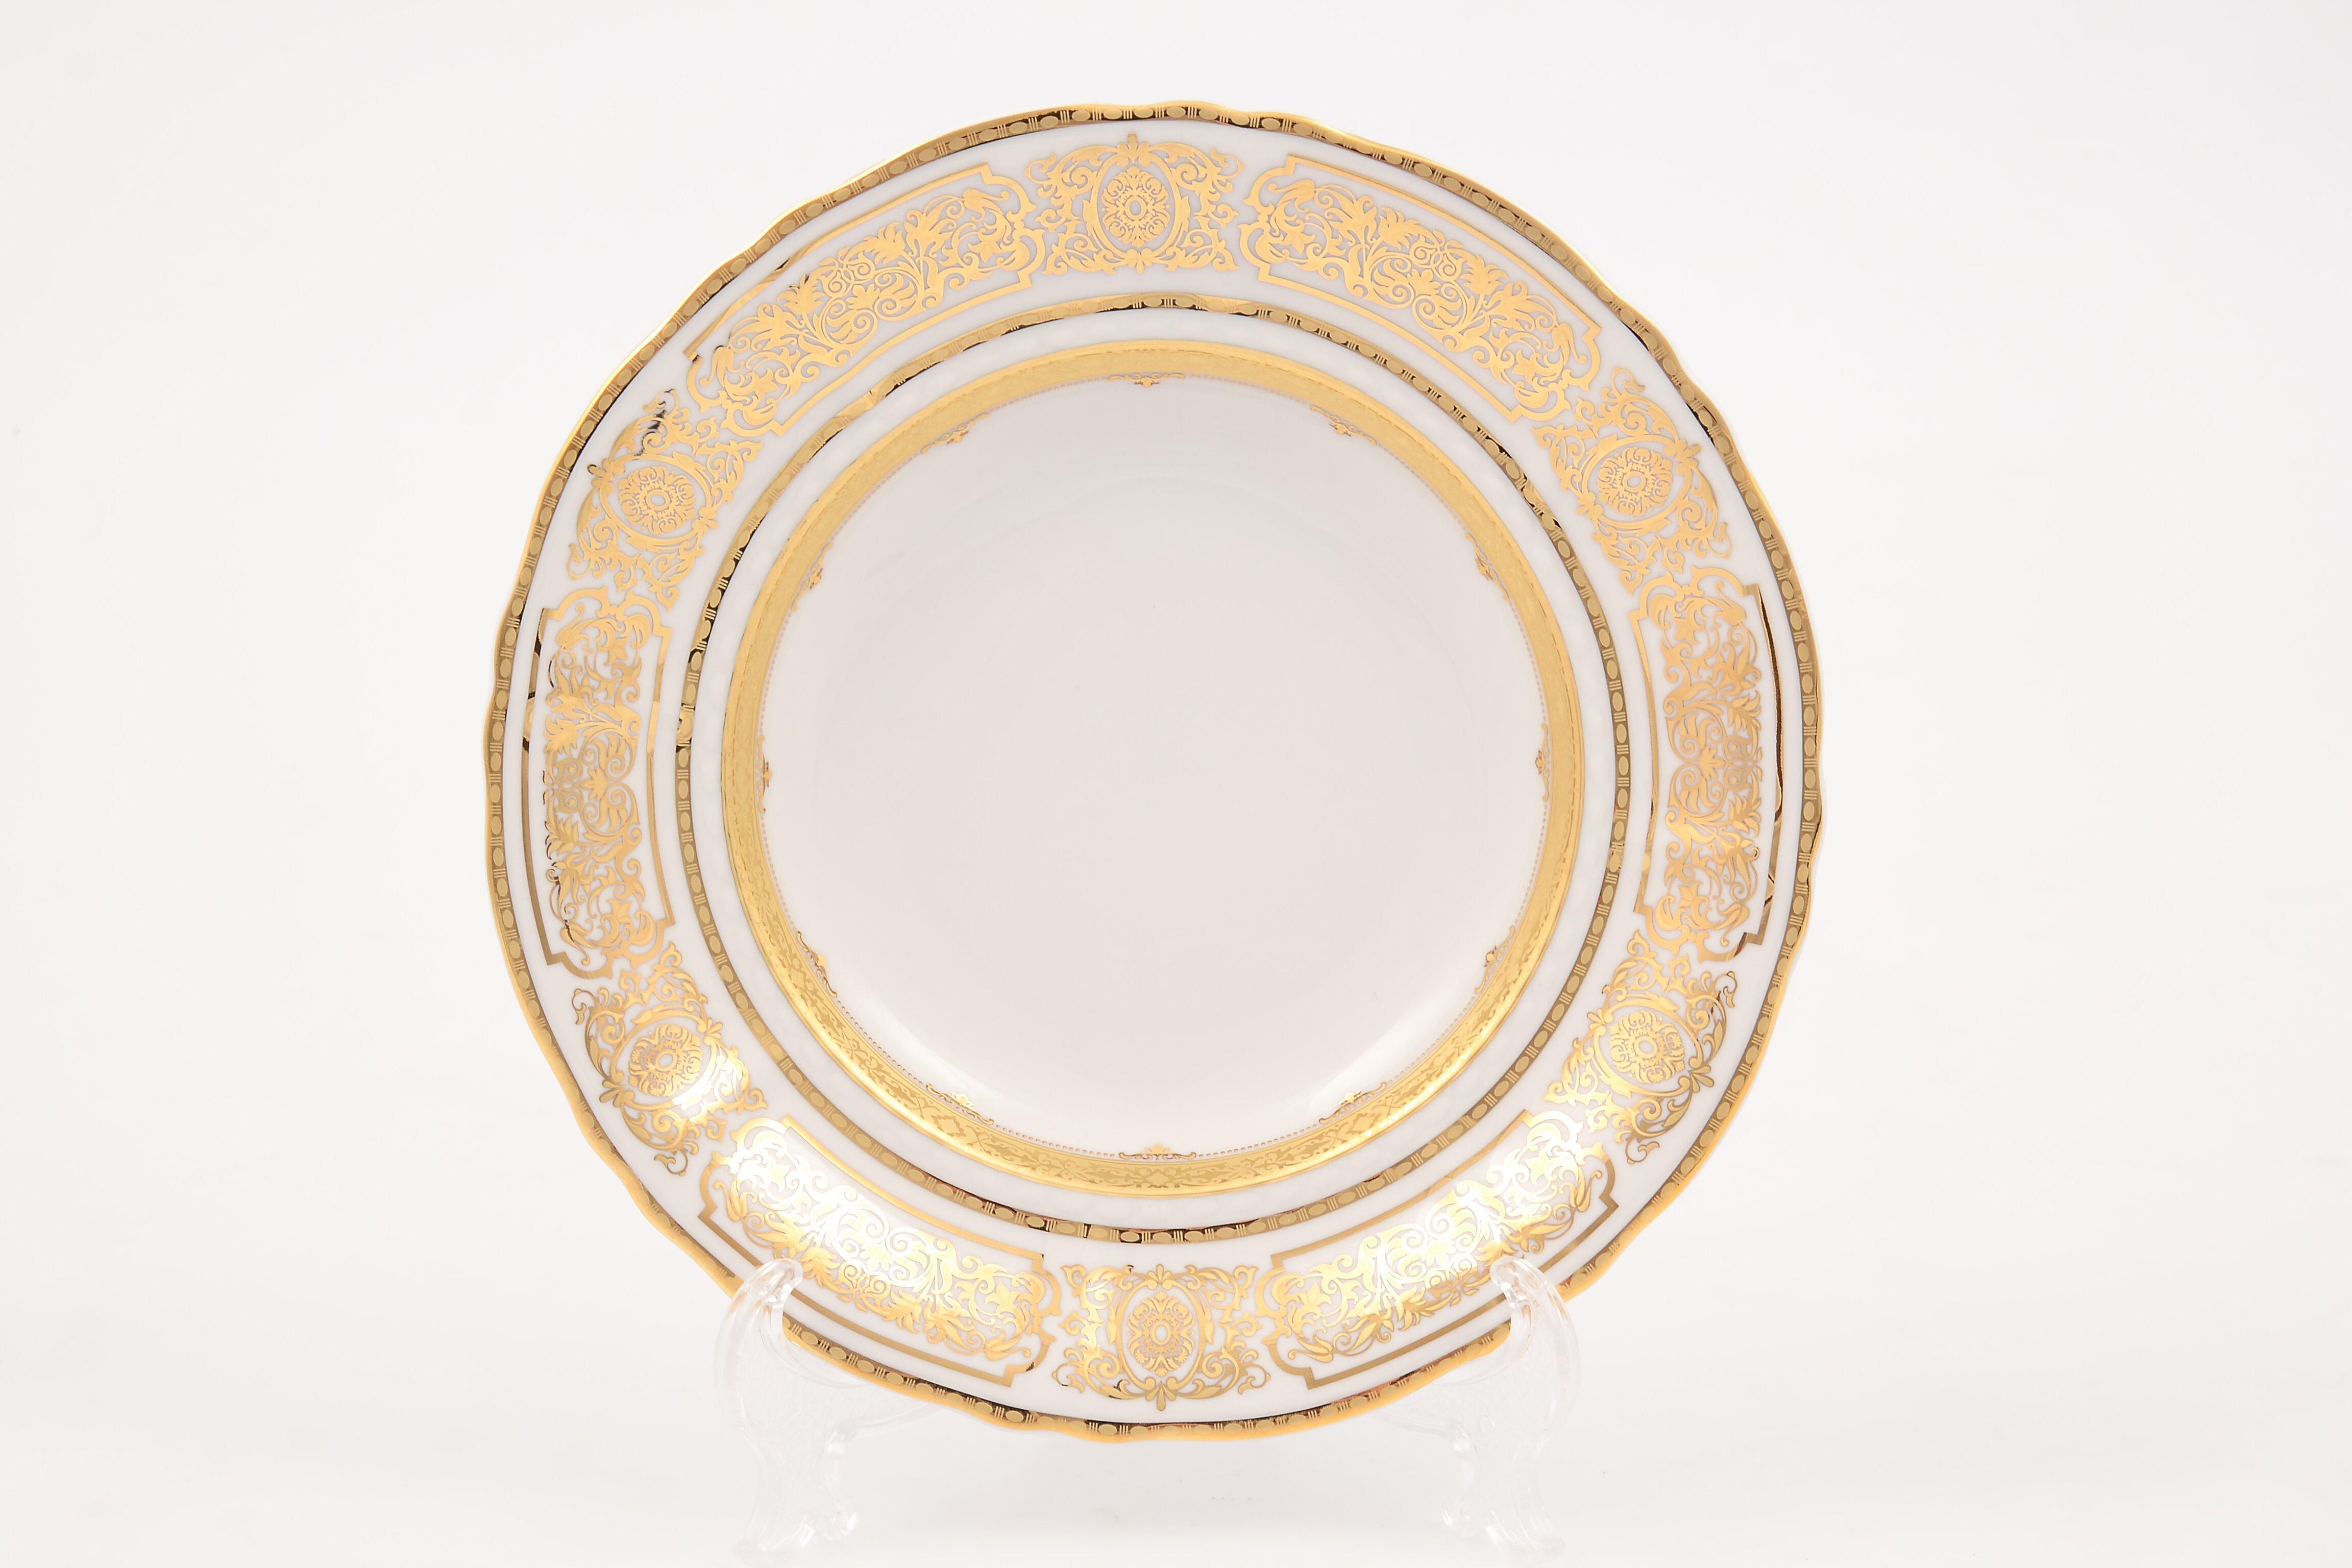 Набор фарфоровых глубоких тарелок 23 см СОНАТА 3250 от Leander, 6 шт.